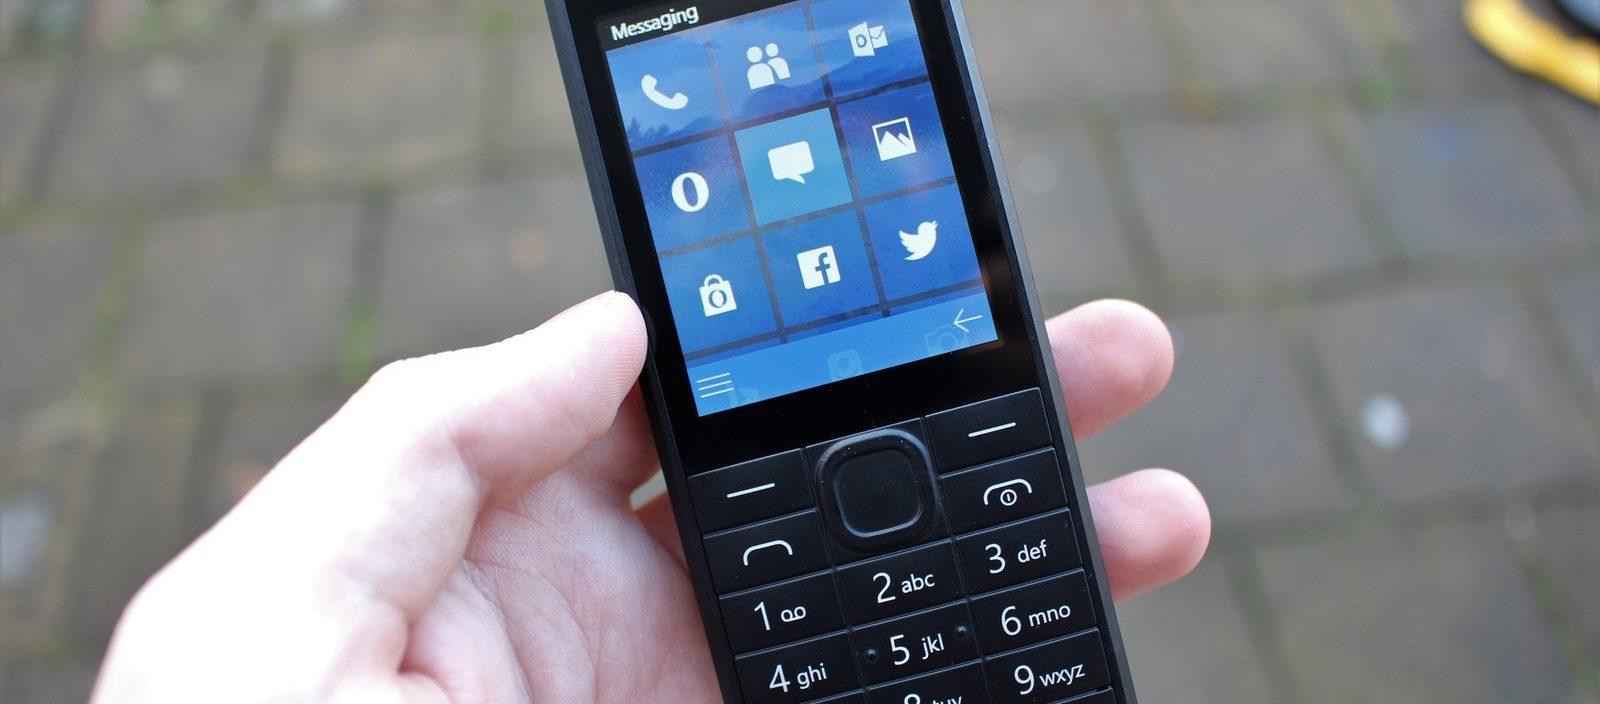 RM-1182: conheça o telefone da Microsoft que quase foi lançado